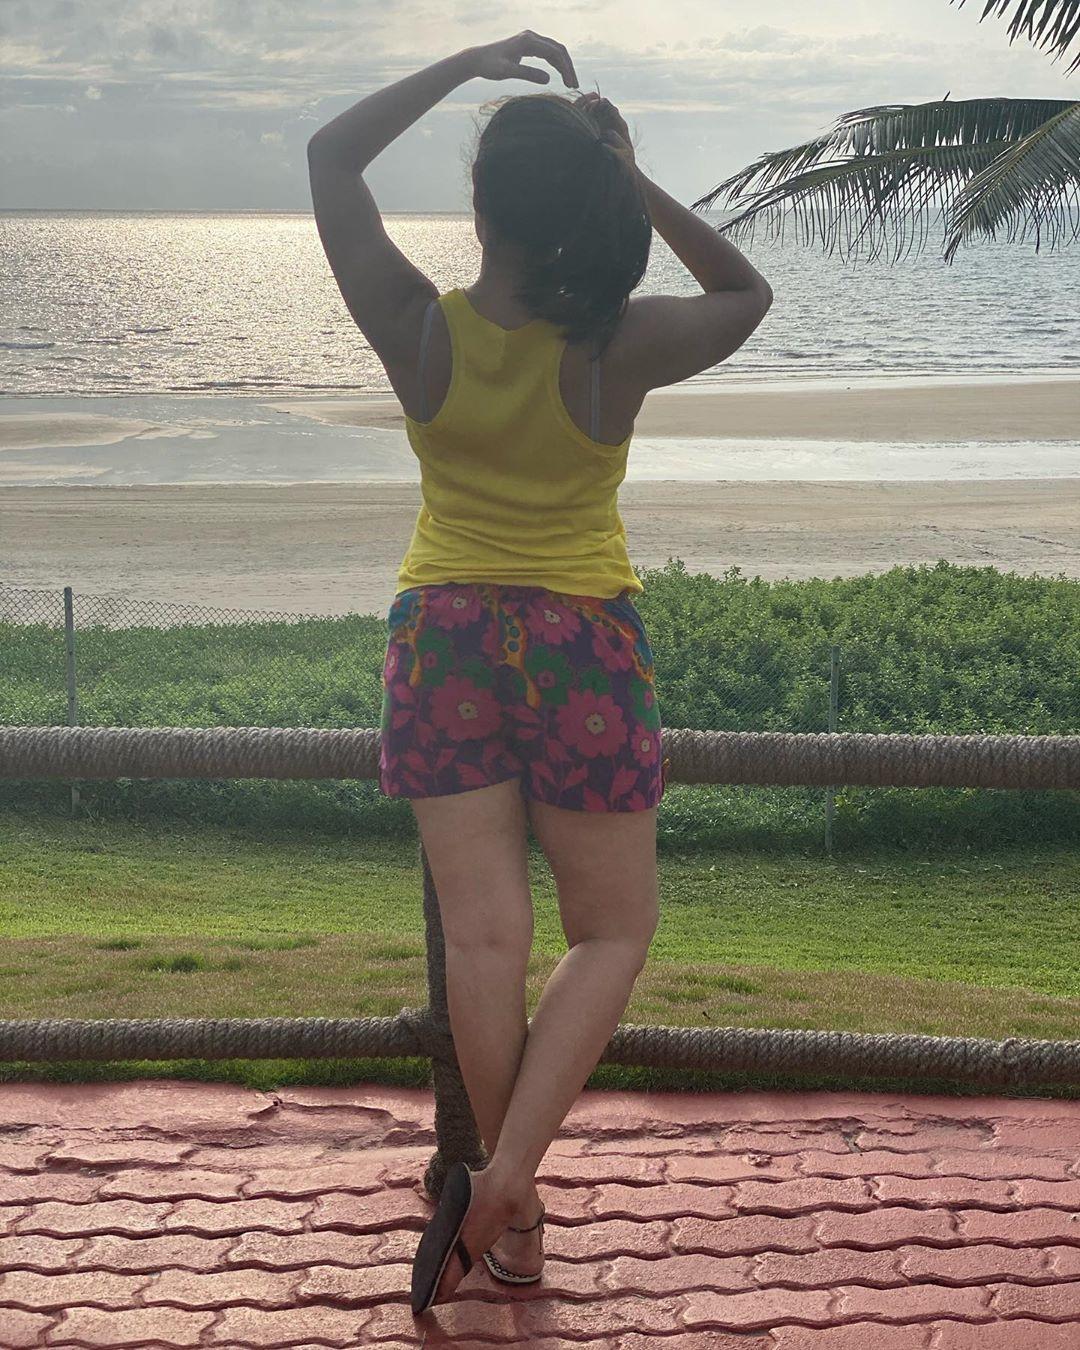 గోవా బీచుల్లో అనసూయ Photo : Instagram